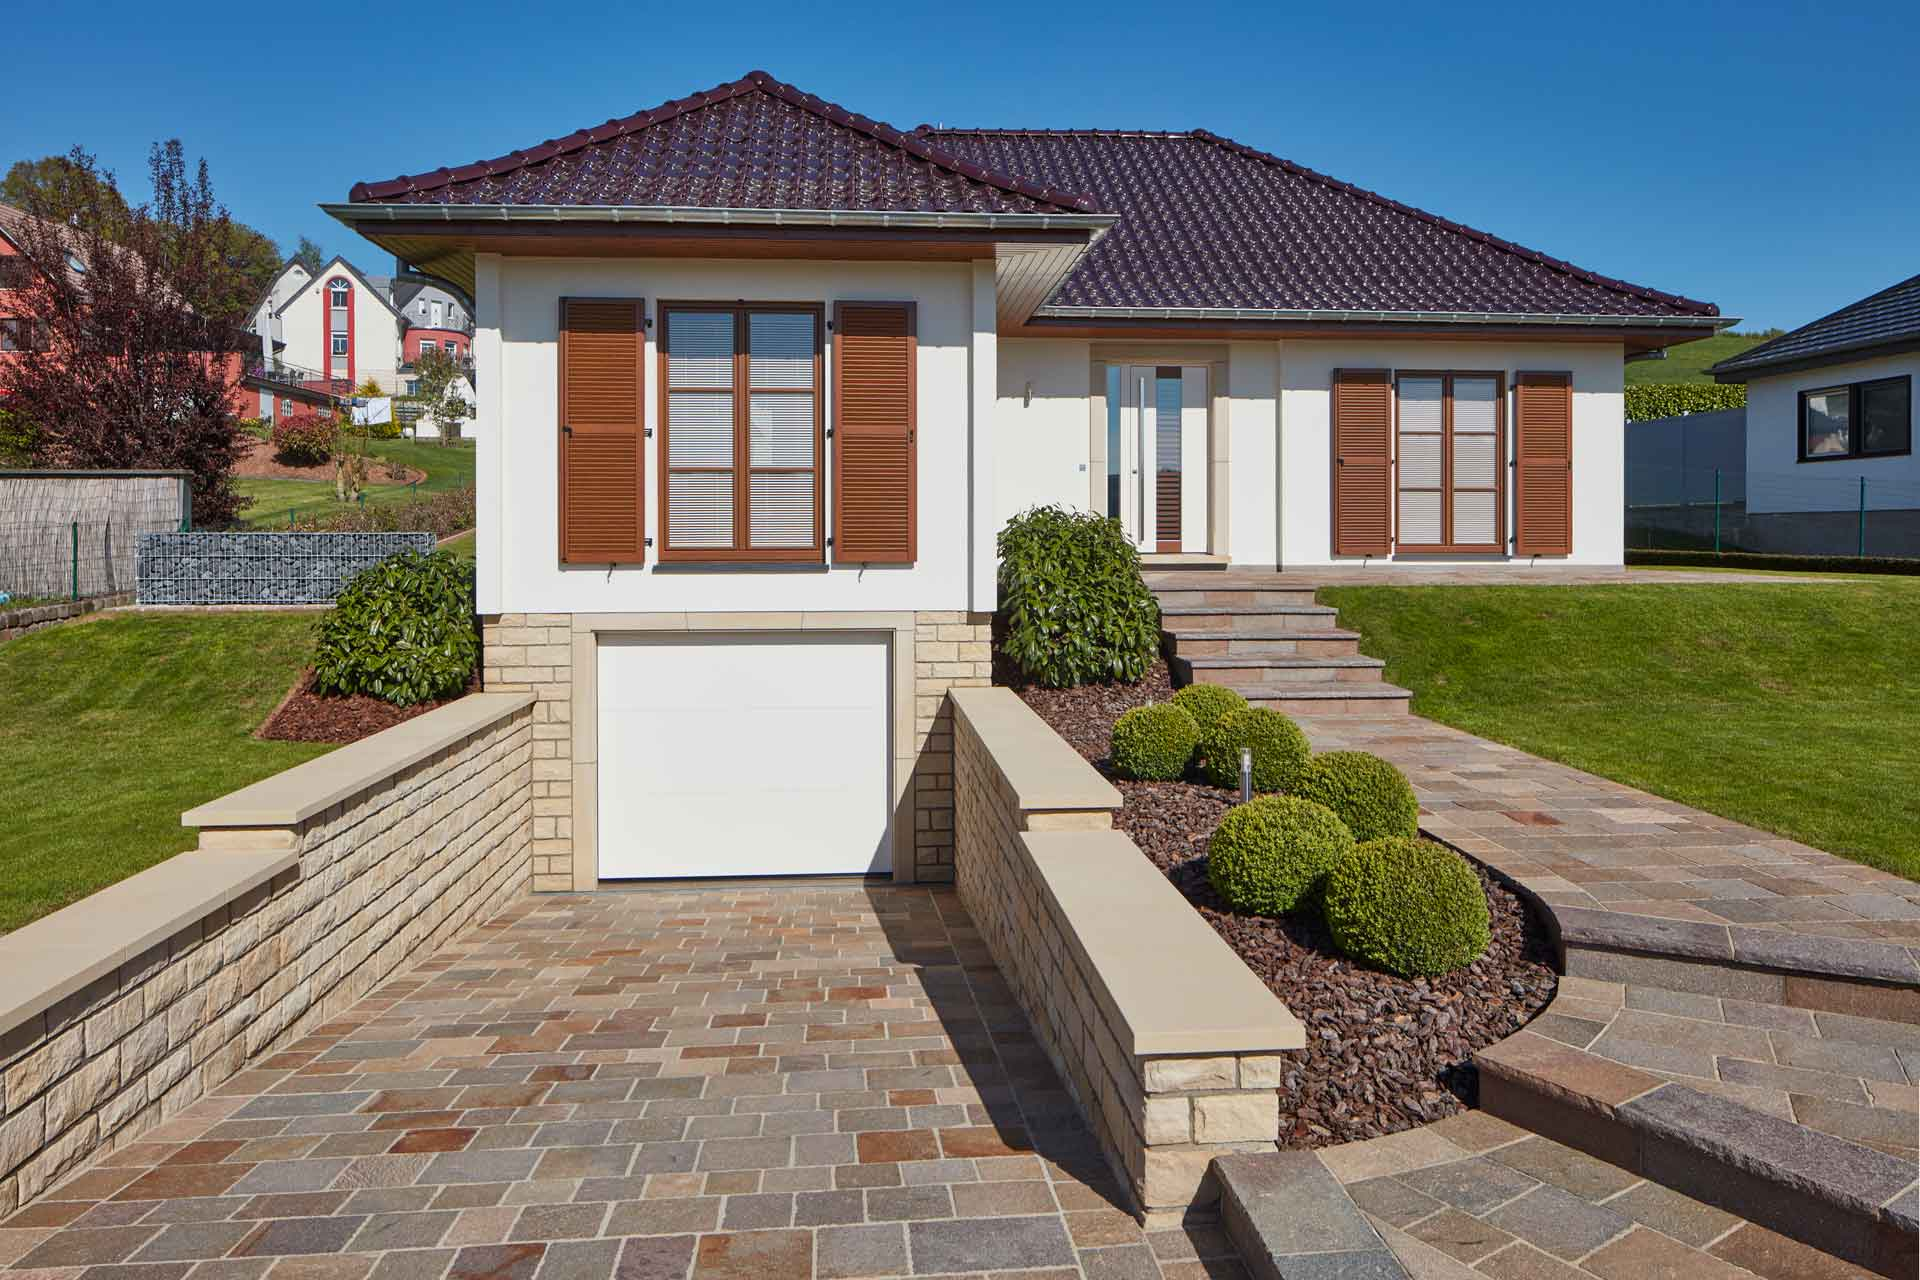 Weißes Einfamilienhaus mit einer weiß- braunen Haustür, braunen Coplaning Jalousiefenster mit passenden Klappläden und einem weißen Coplaning Garagentor.